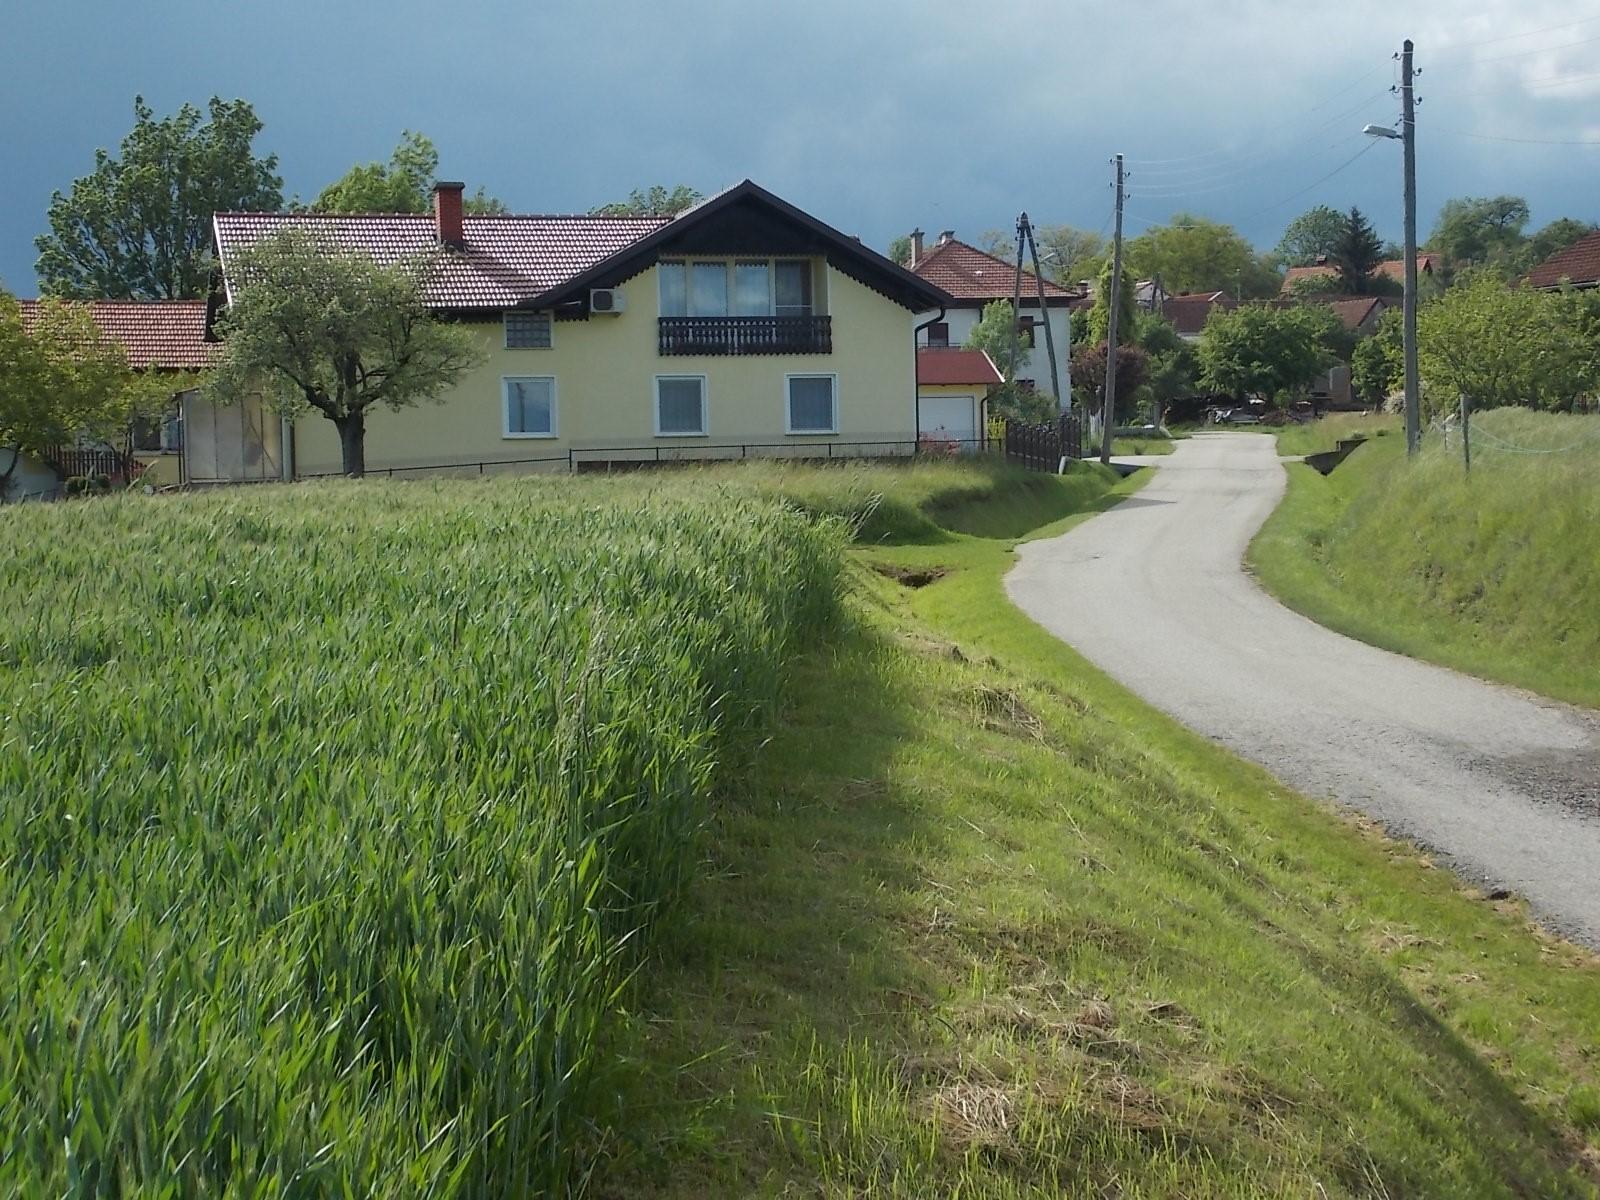 Grškovje - Gornji Petrovci